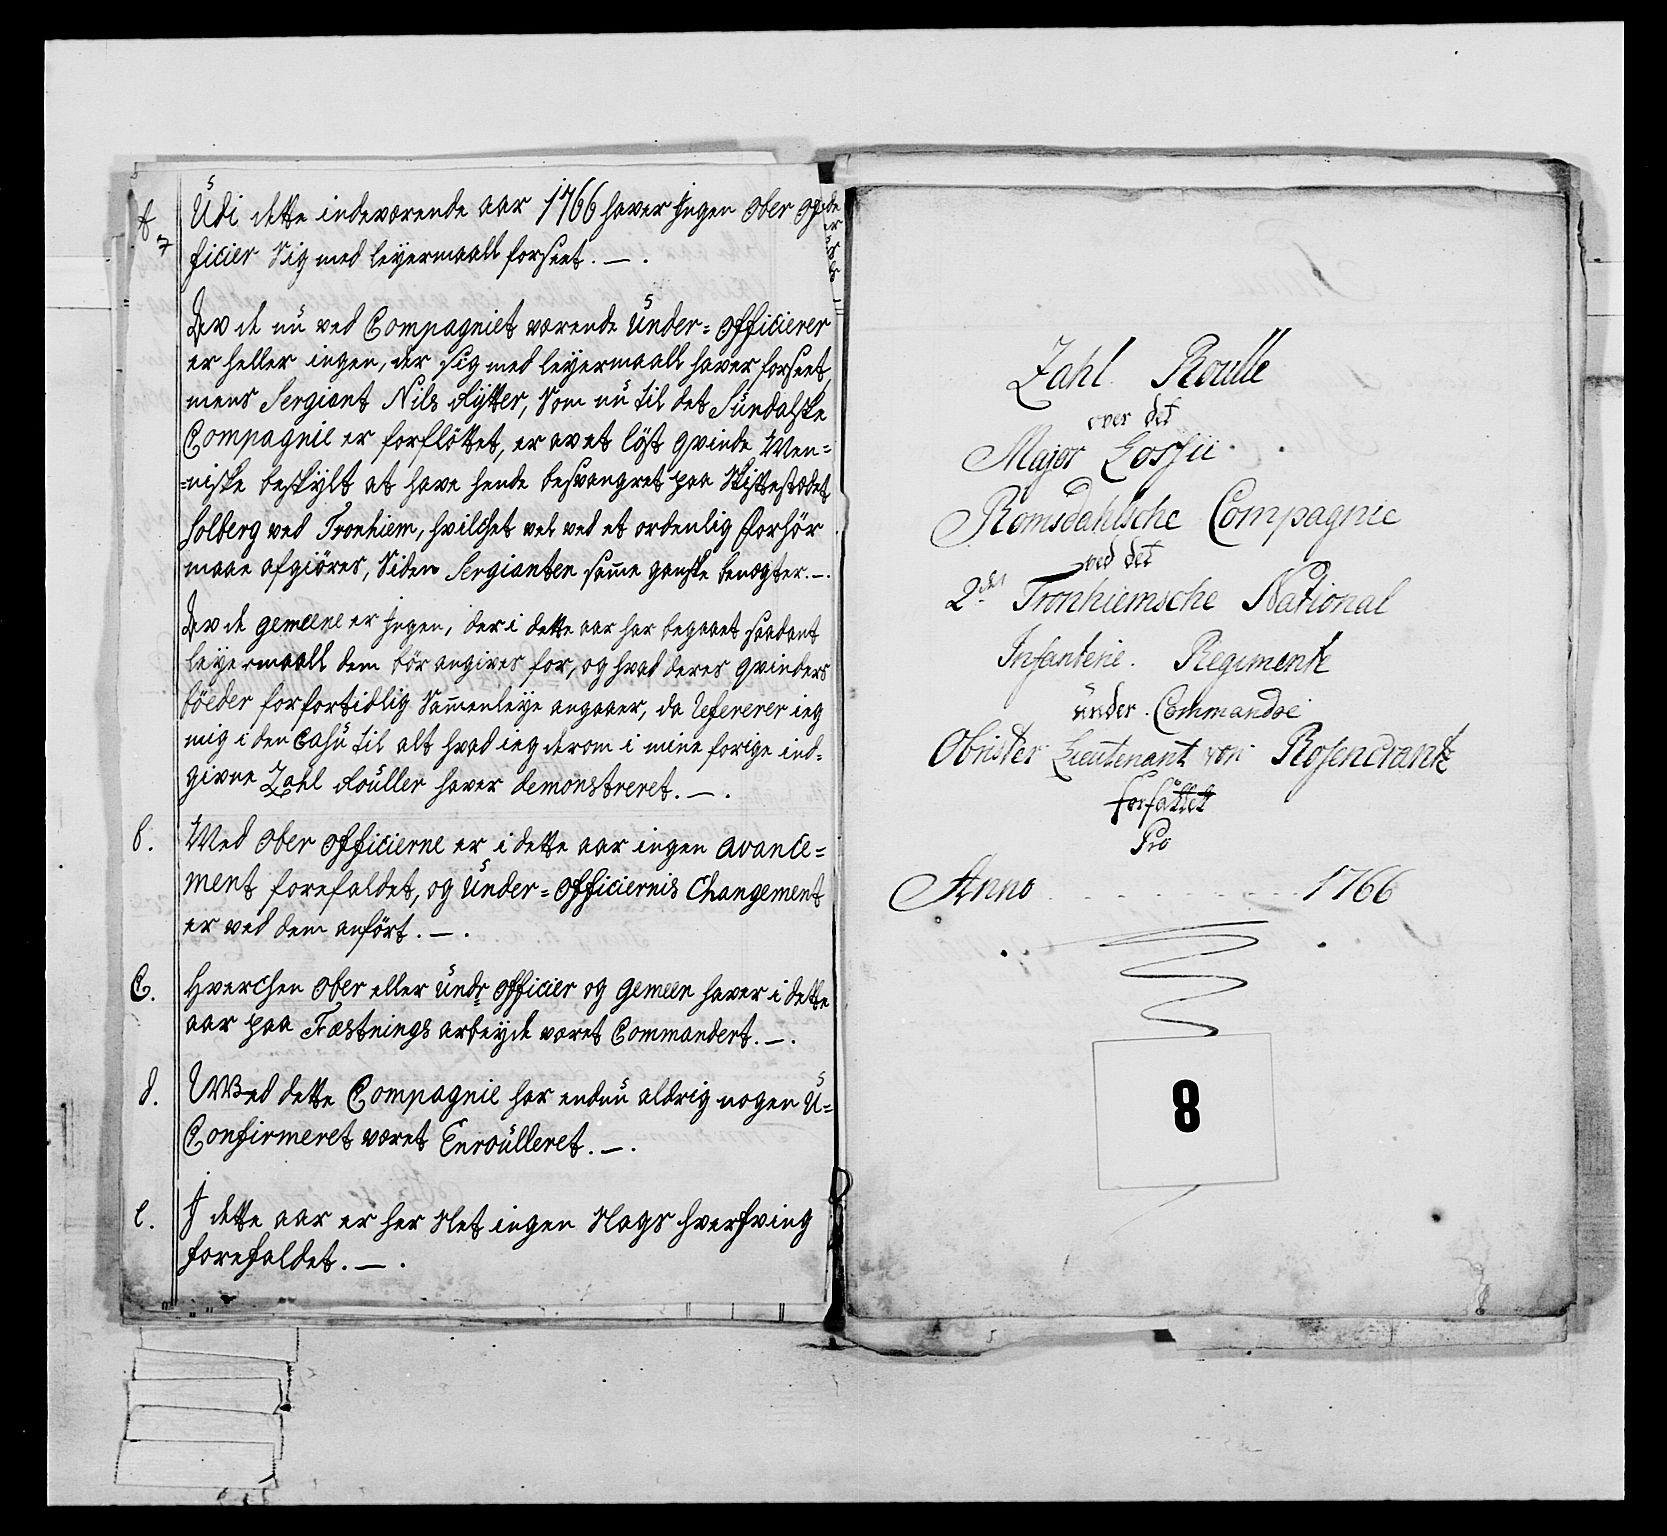 RA, Generalitets- og kommissariatskollegiet, Det kongelige norske kommissariatskollegium, E/Eh/L0076: 2. Trondheimske nasjonale infanteriregiment, 1766-1773, s. 20